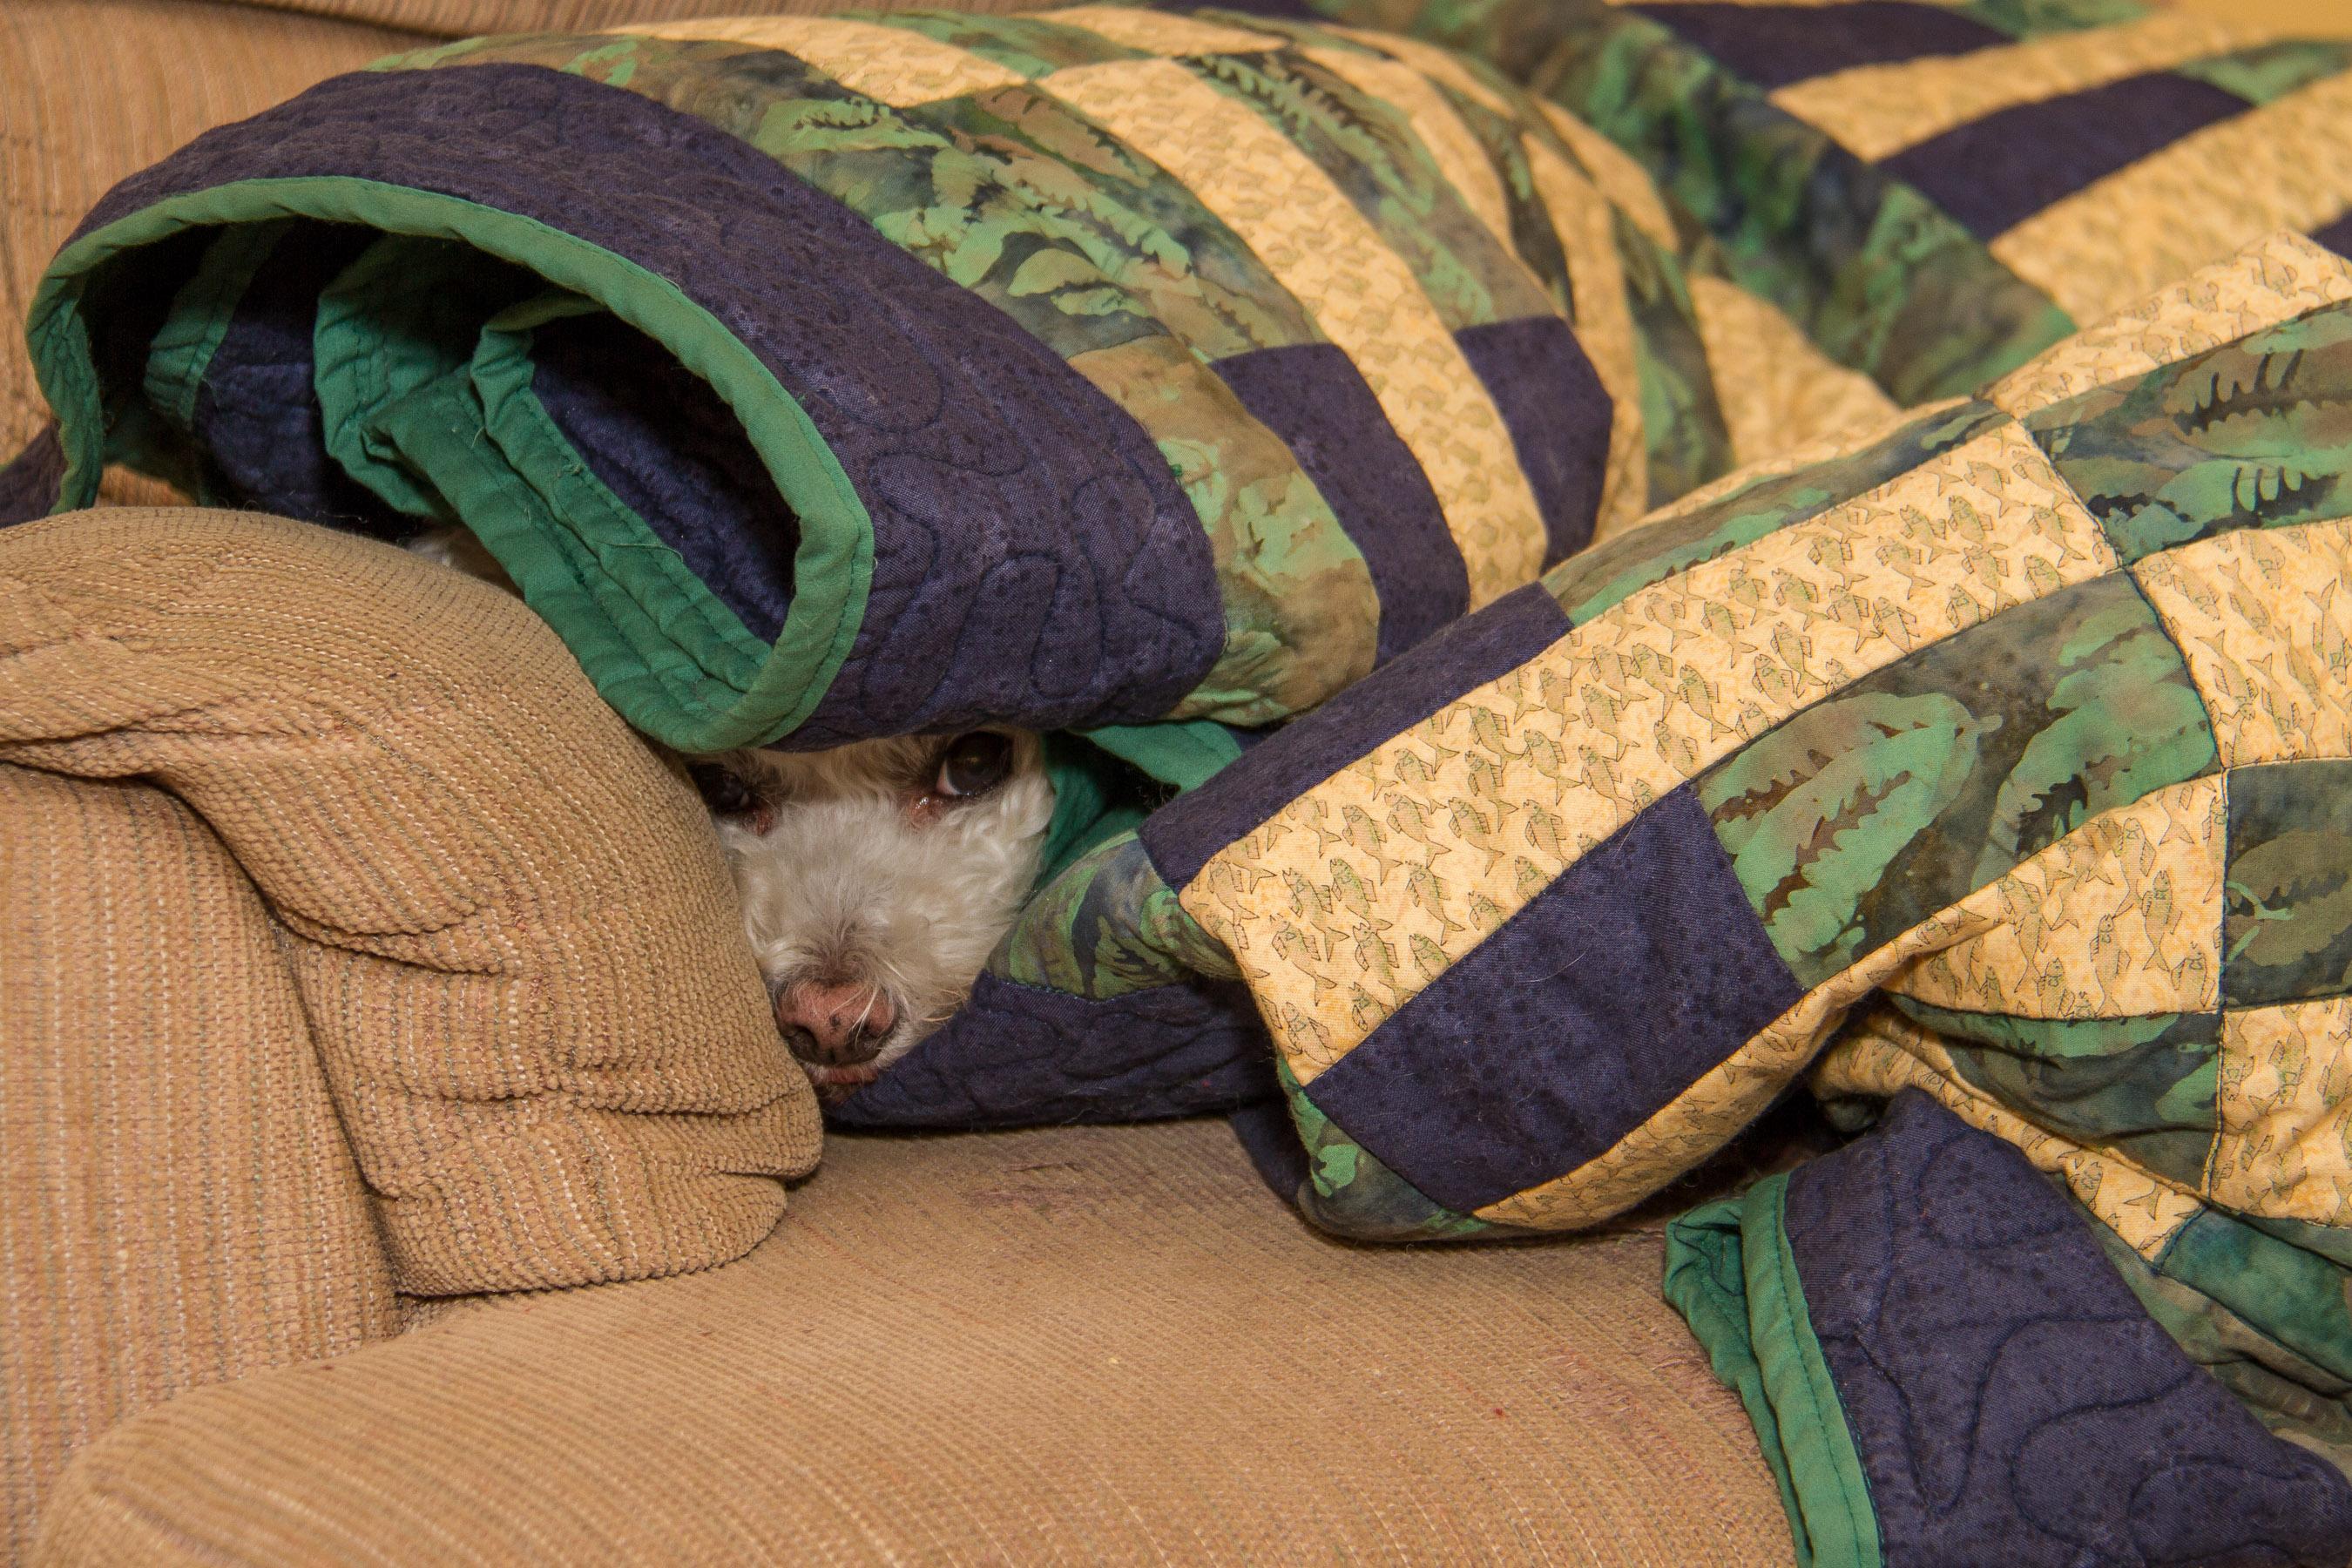 @Places, Animals, Bichon Frise, Christmas, Dog, Holidays, Home, Pet, Wildlife, Xmas, Yuki, yukes